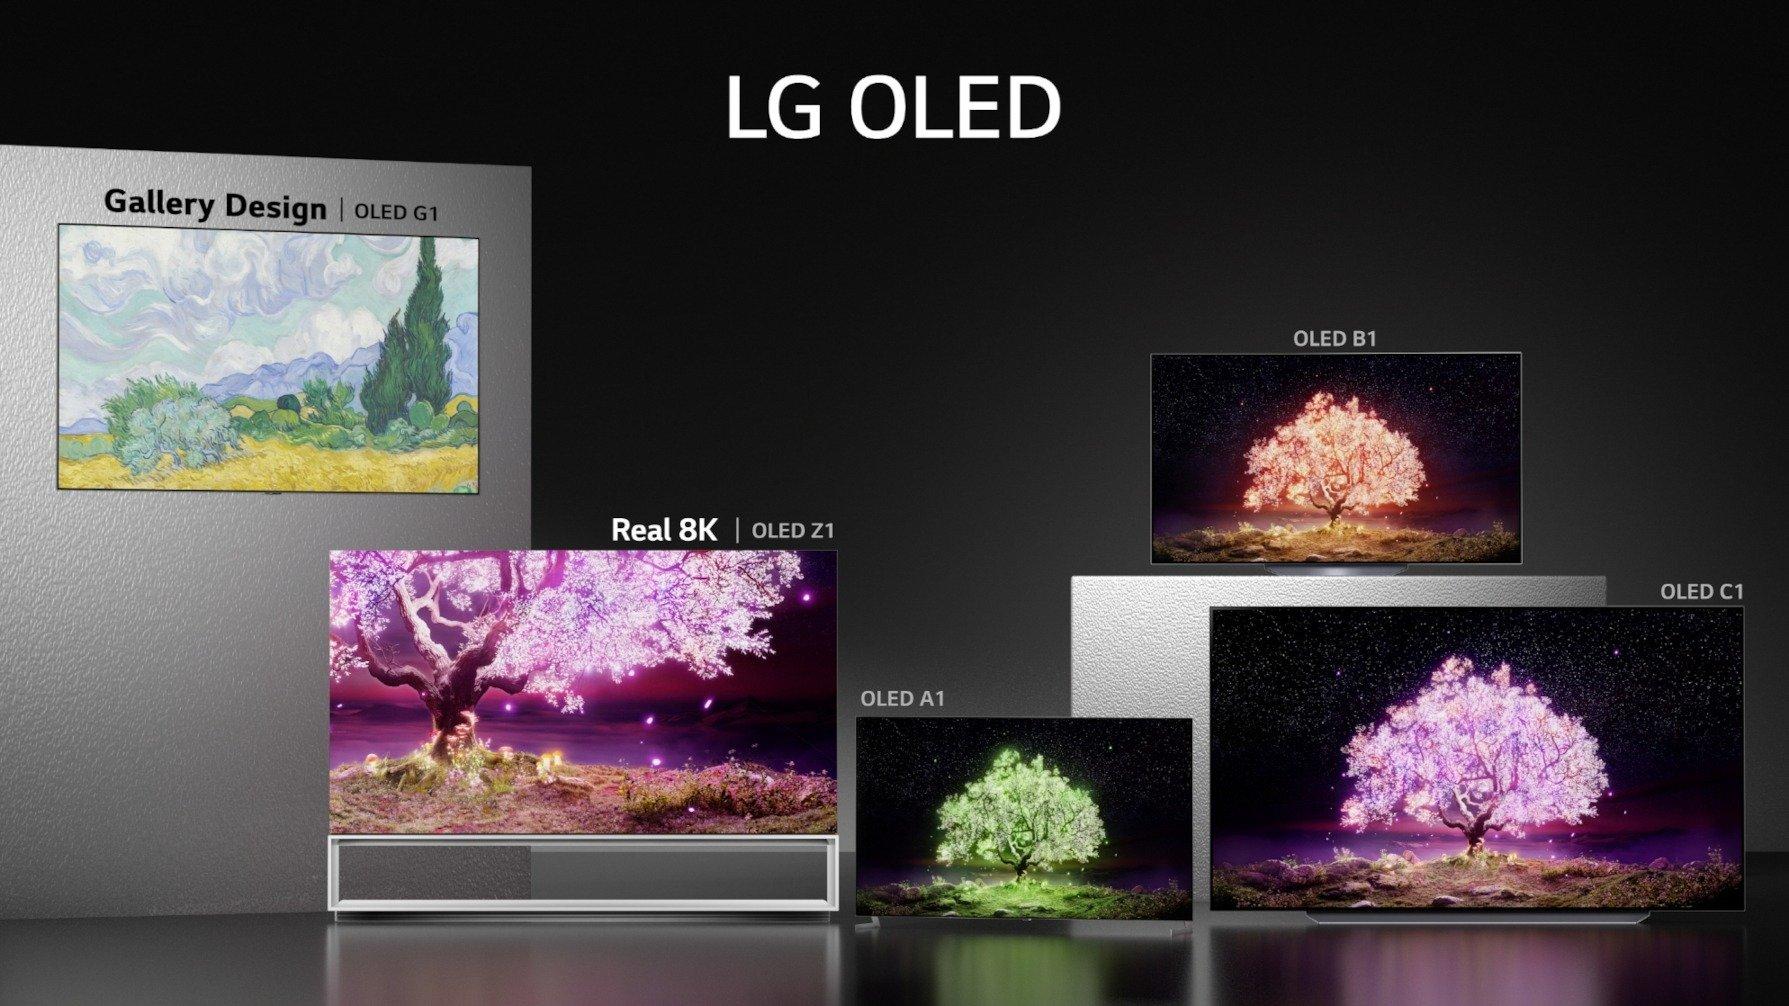 Telewizory LG z oferty na 2021 rok już w sprzedaży! Na czele z niezrównanymi modelami LG OLED